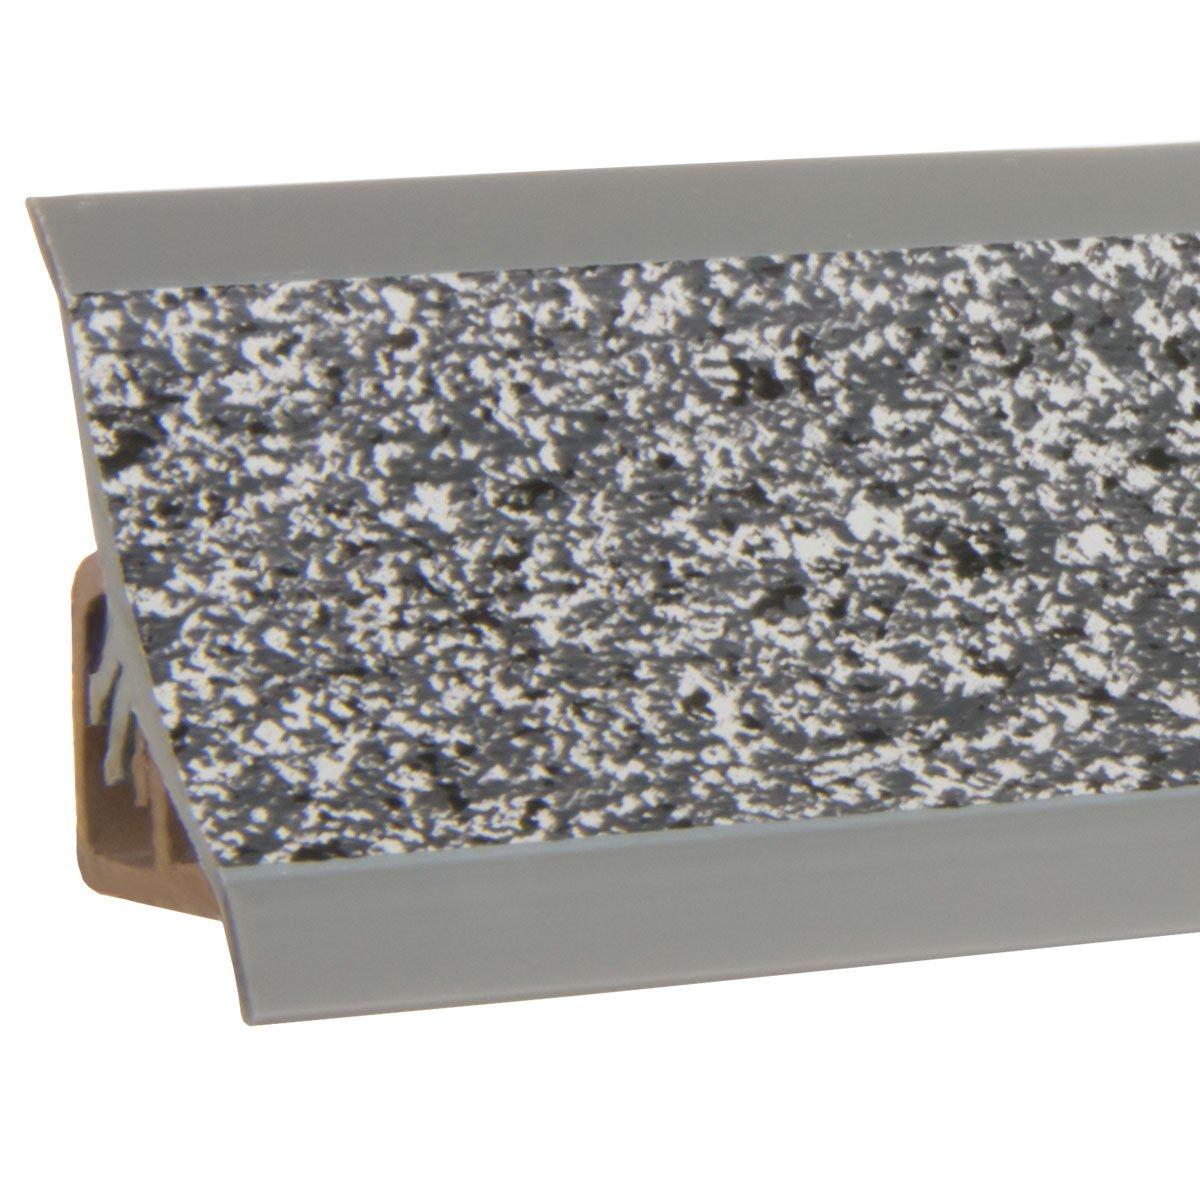 HOLZBRINK Unión de Copete de Encimera Granito Oscuro Listón de Acabado PVC Copete para las Encimera de Cocina 23x23 mm: Amazon.es: Bricolaje y herramientas